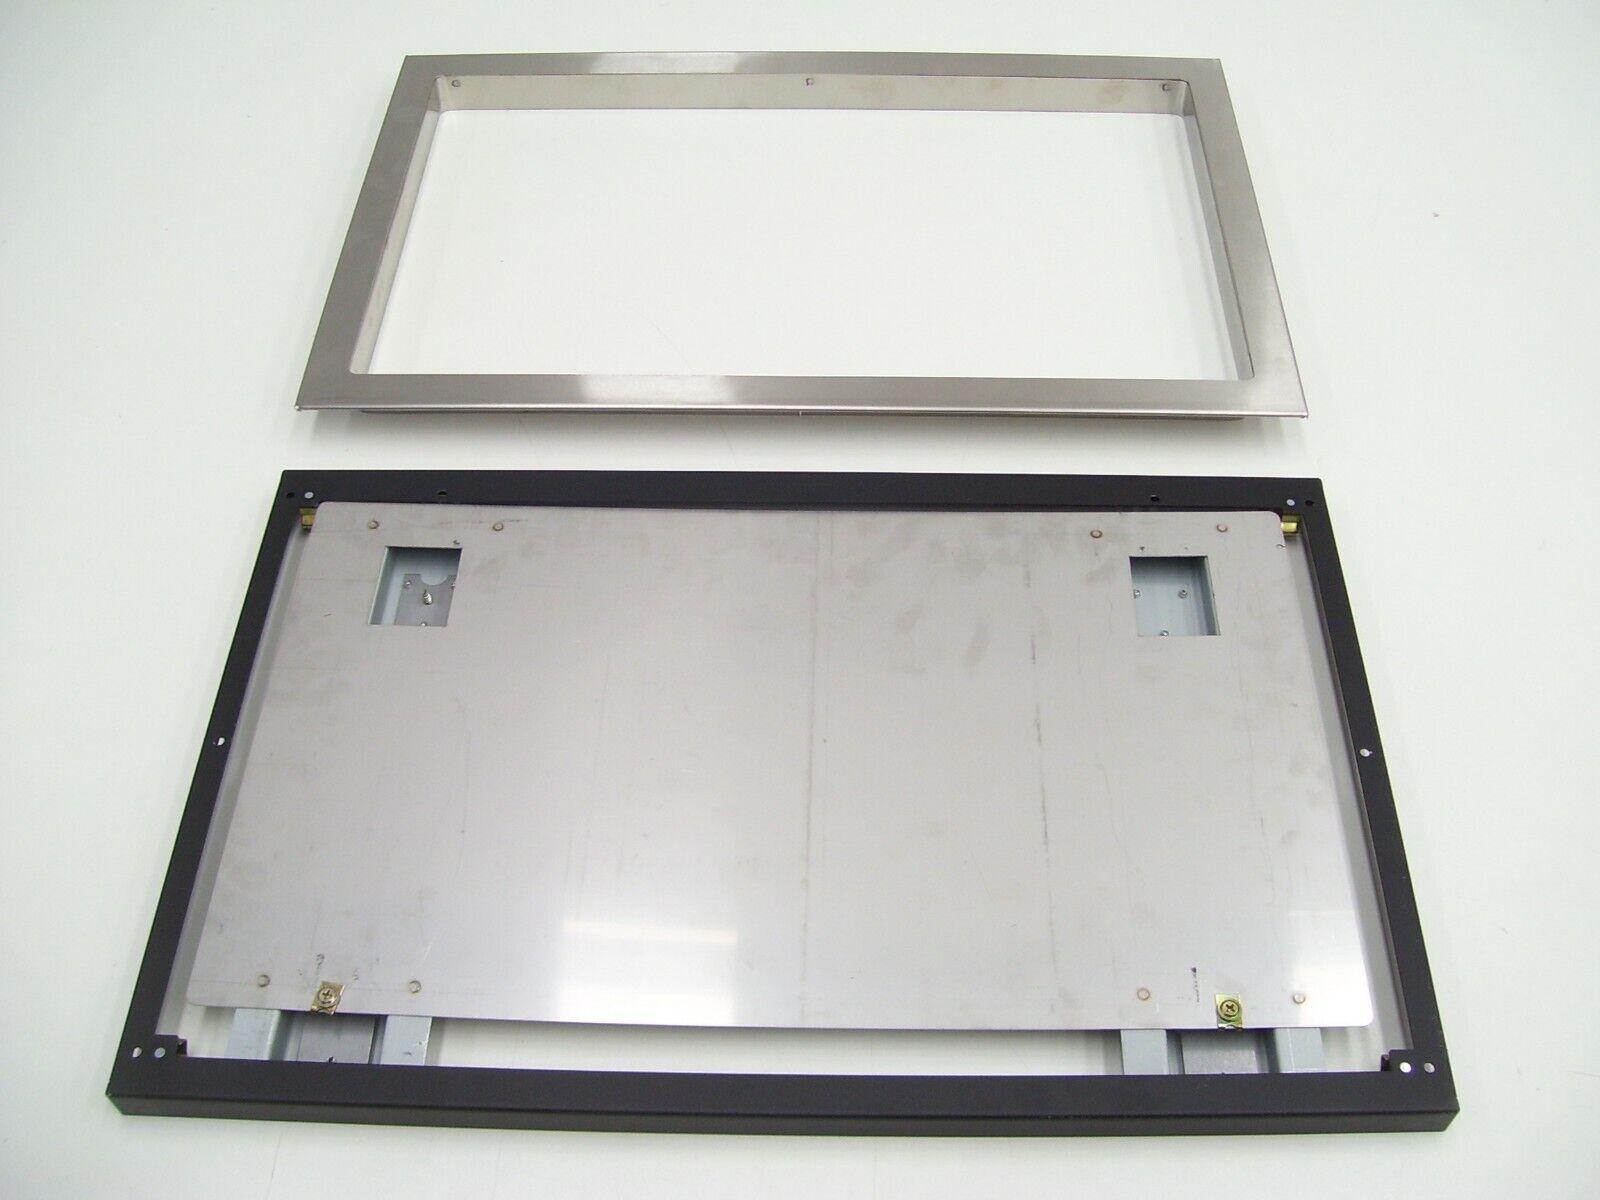 MICROWAVE TRIM KIT SURROUND blanc BMTKX FOR BMO280X BMO300X BMOC300X